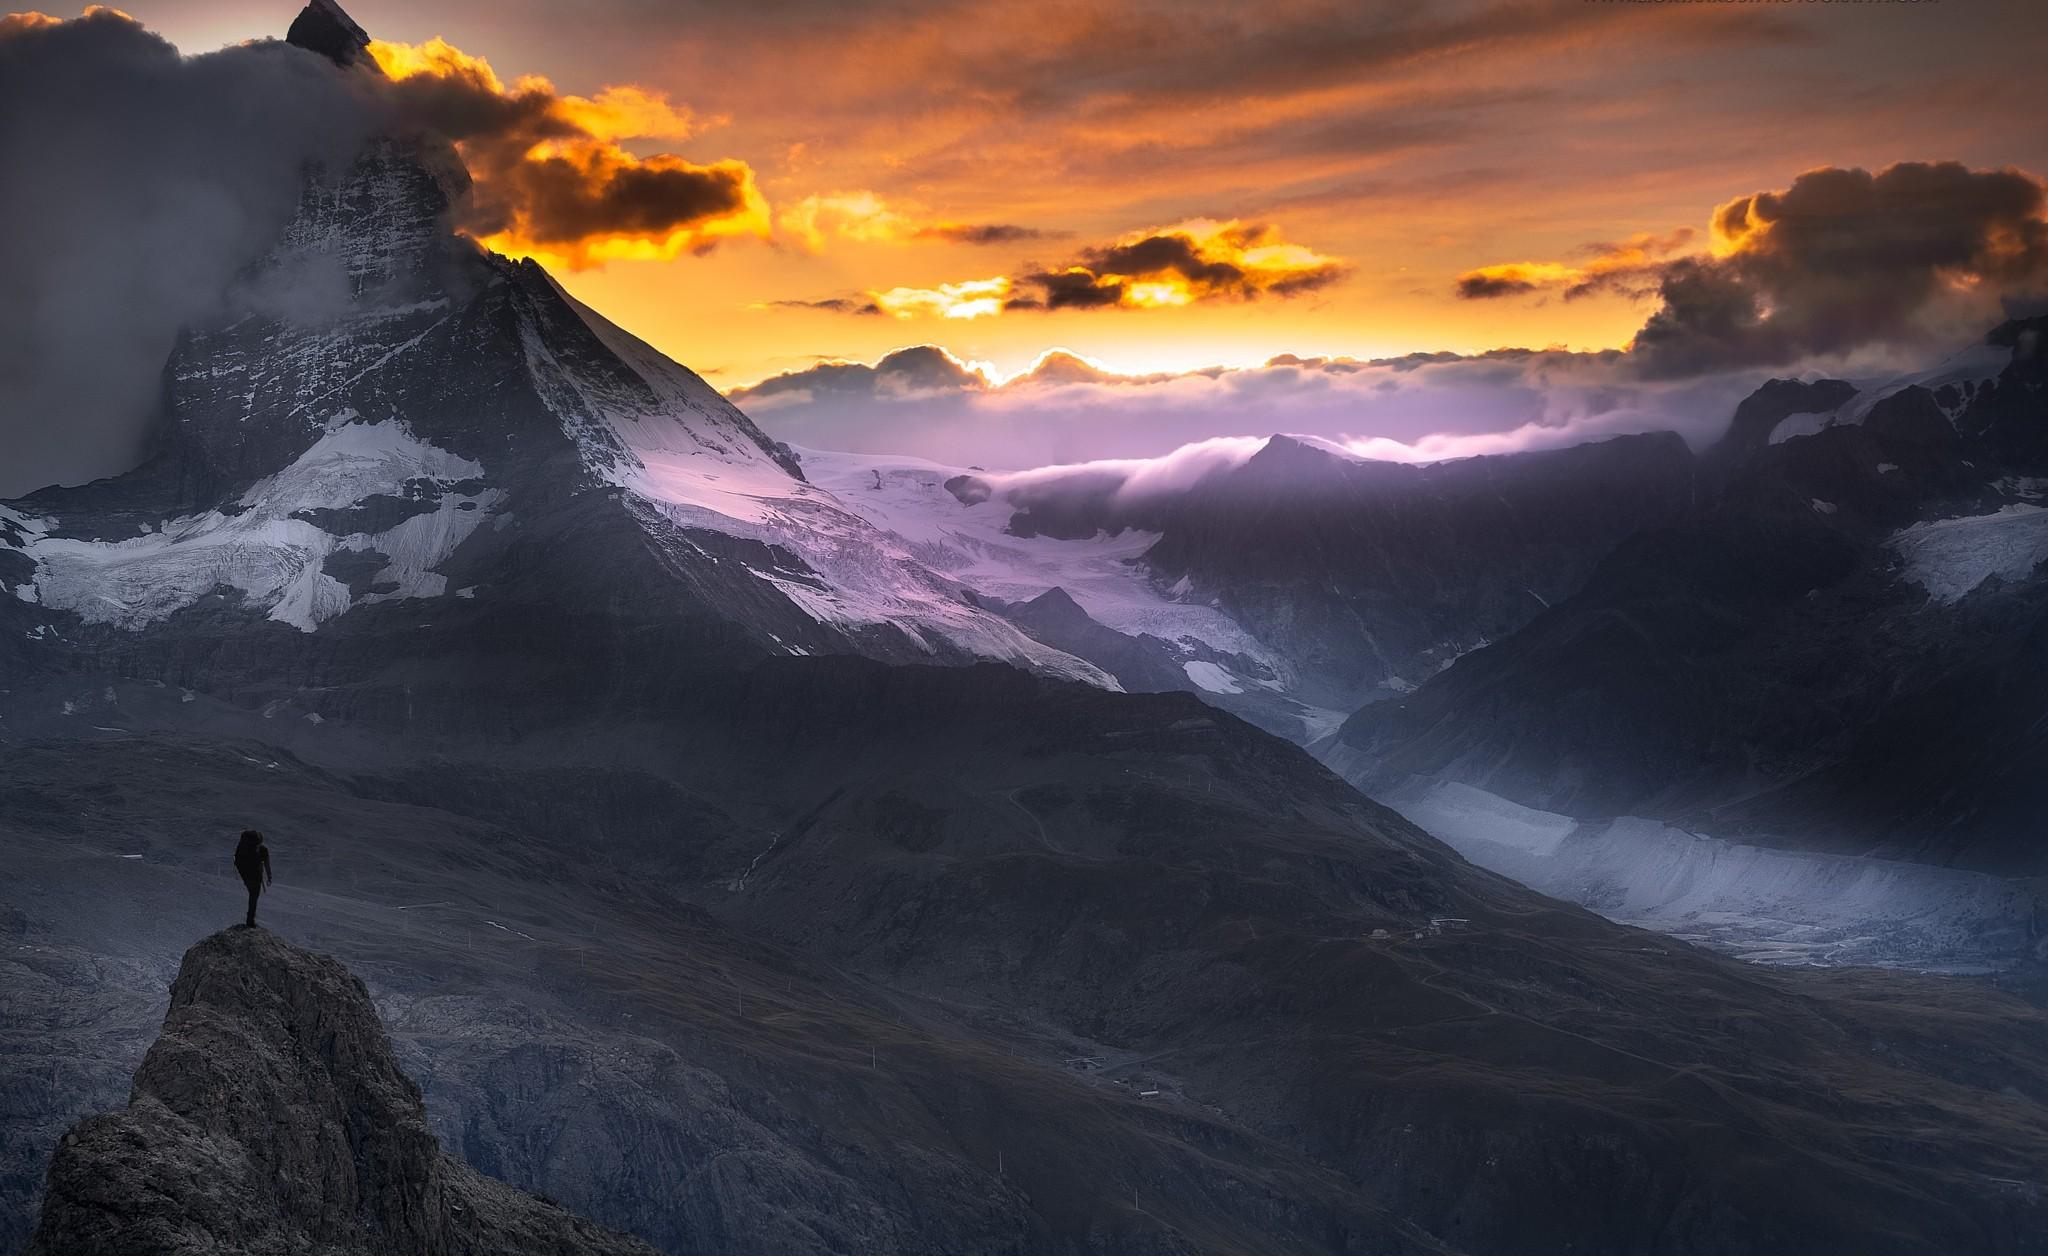 Fond d 39 cran lumi re du soleil paysage montagnes le coucher du soleil la nature r flexion - Photo coucher de soleil montagne ...